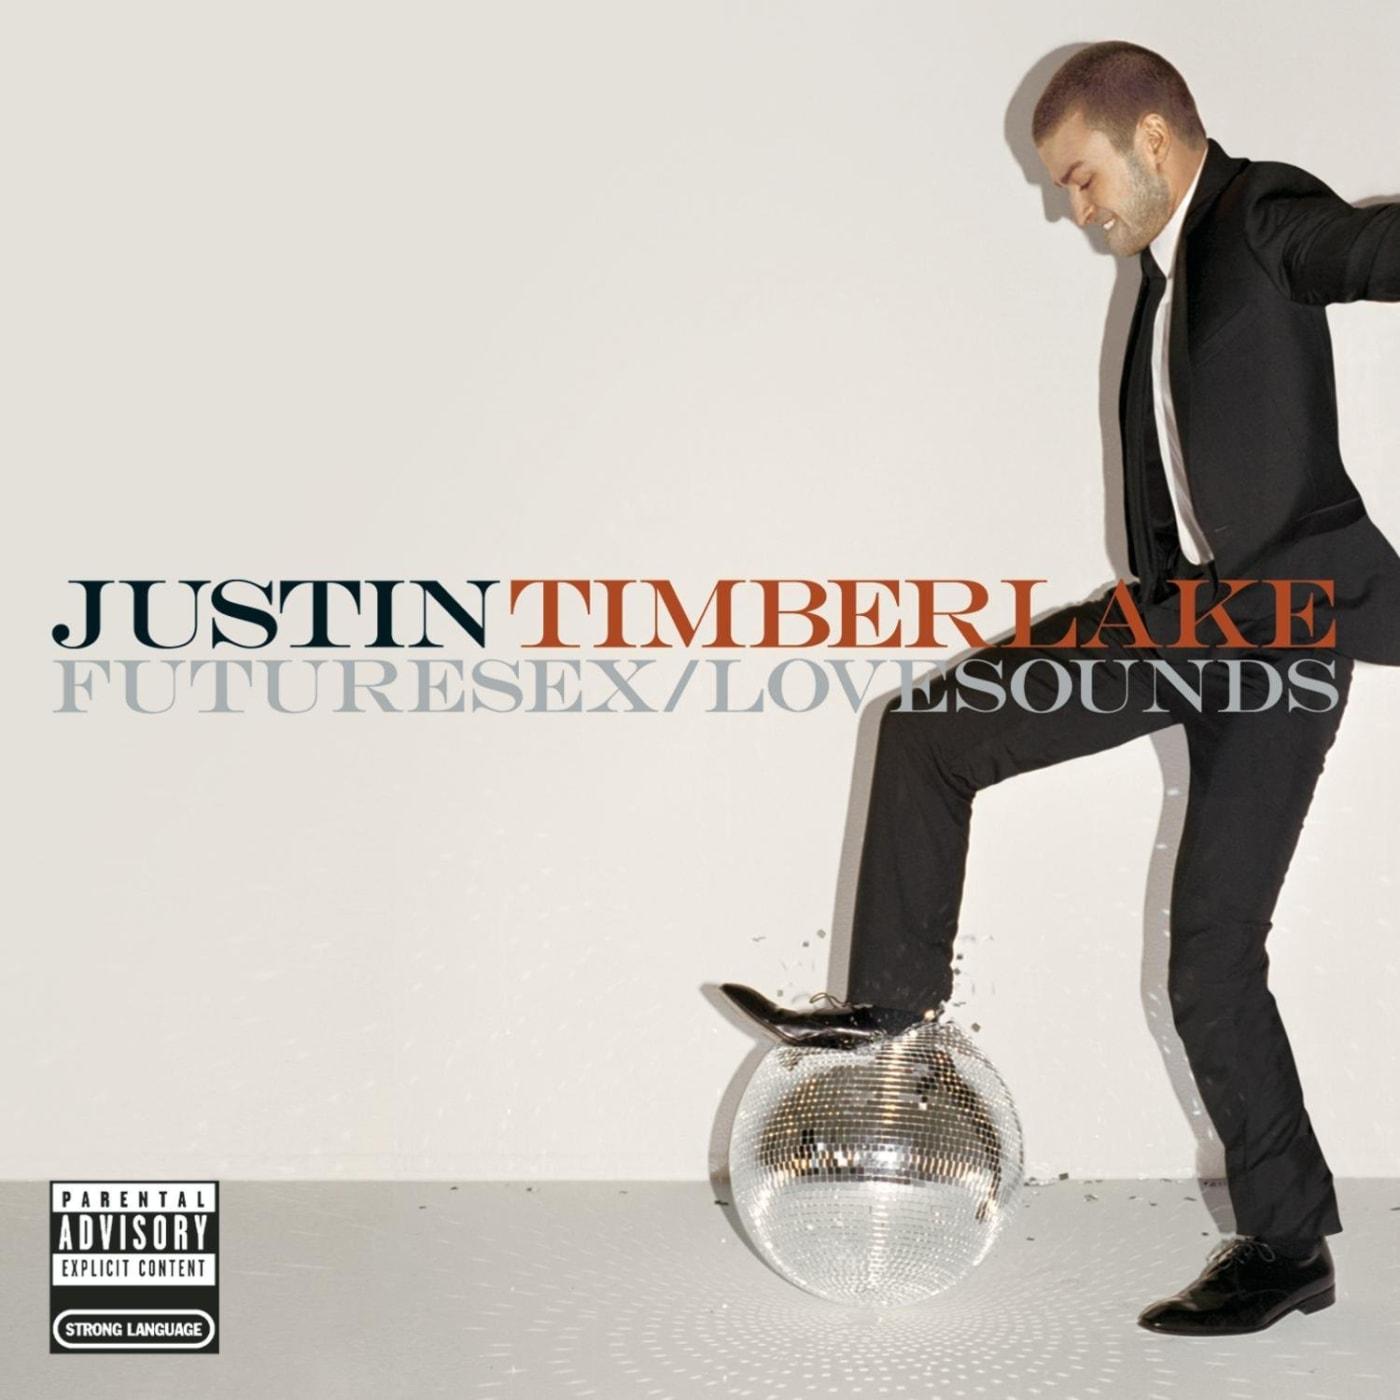 Justin Timberlake FutureSex